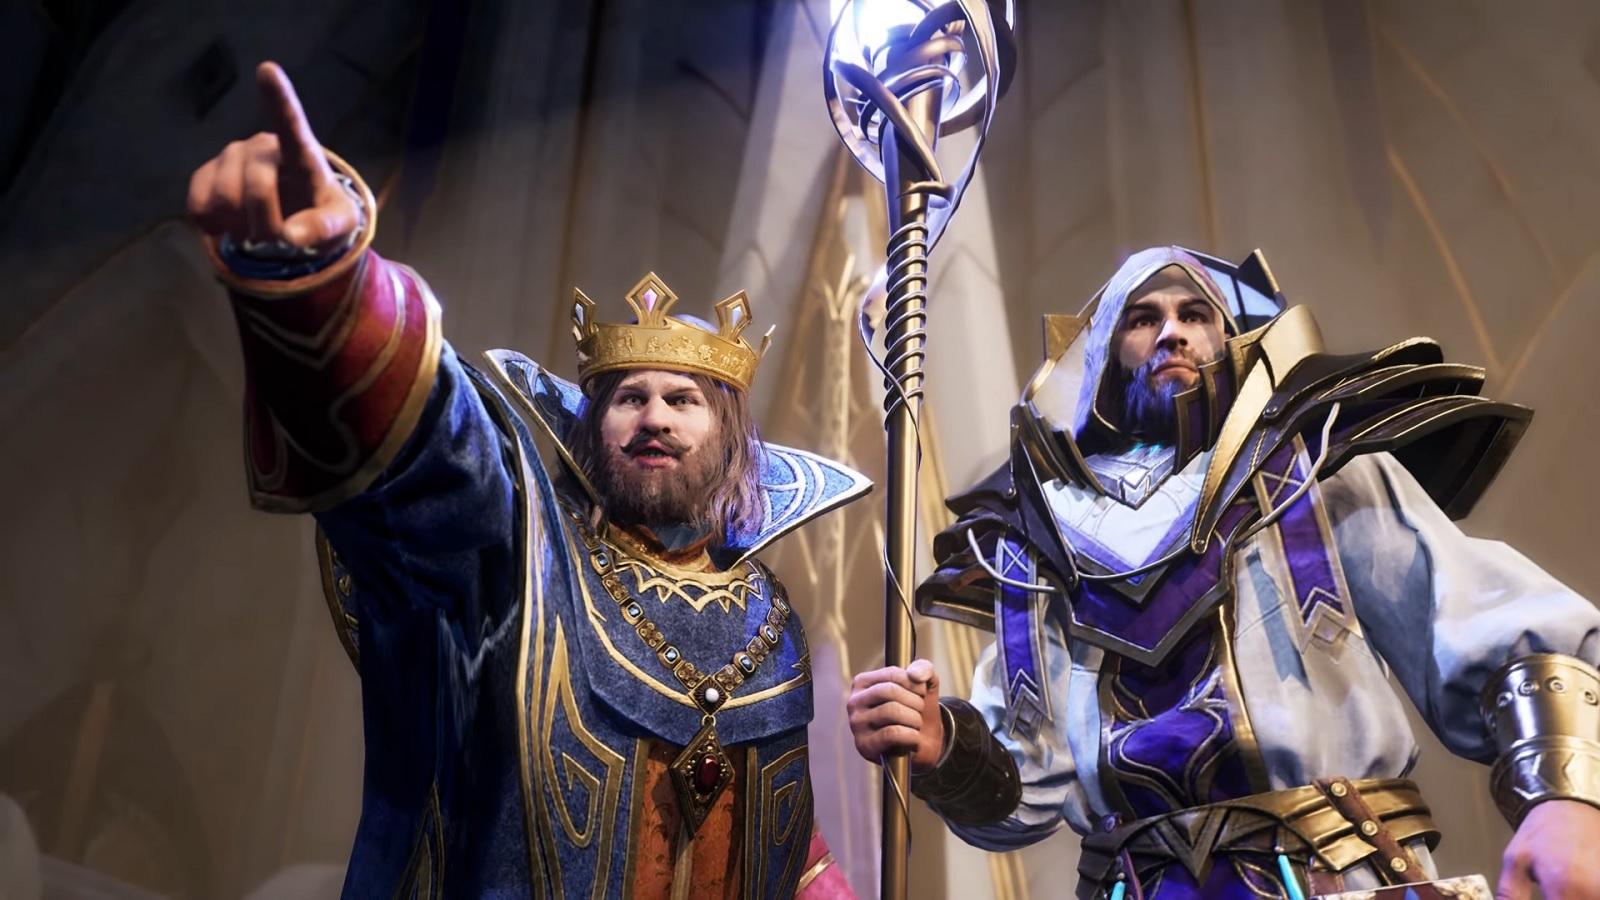 Релиз фэнтезийной ролевой игры King's Bounty II снова перенесли — теперь на 24 августа